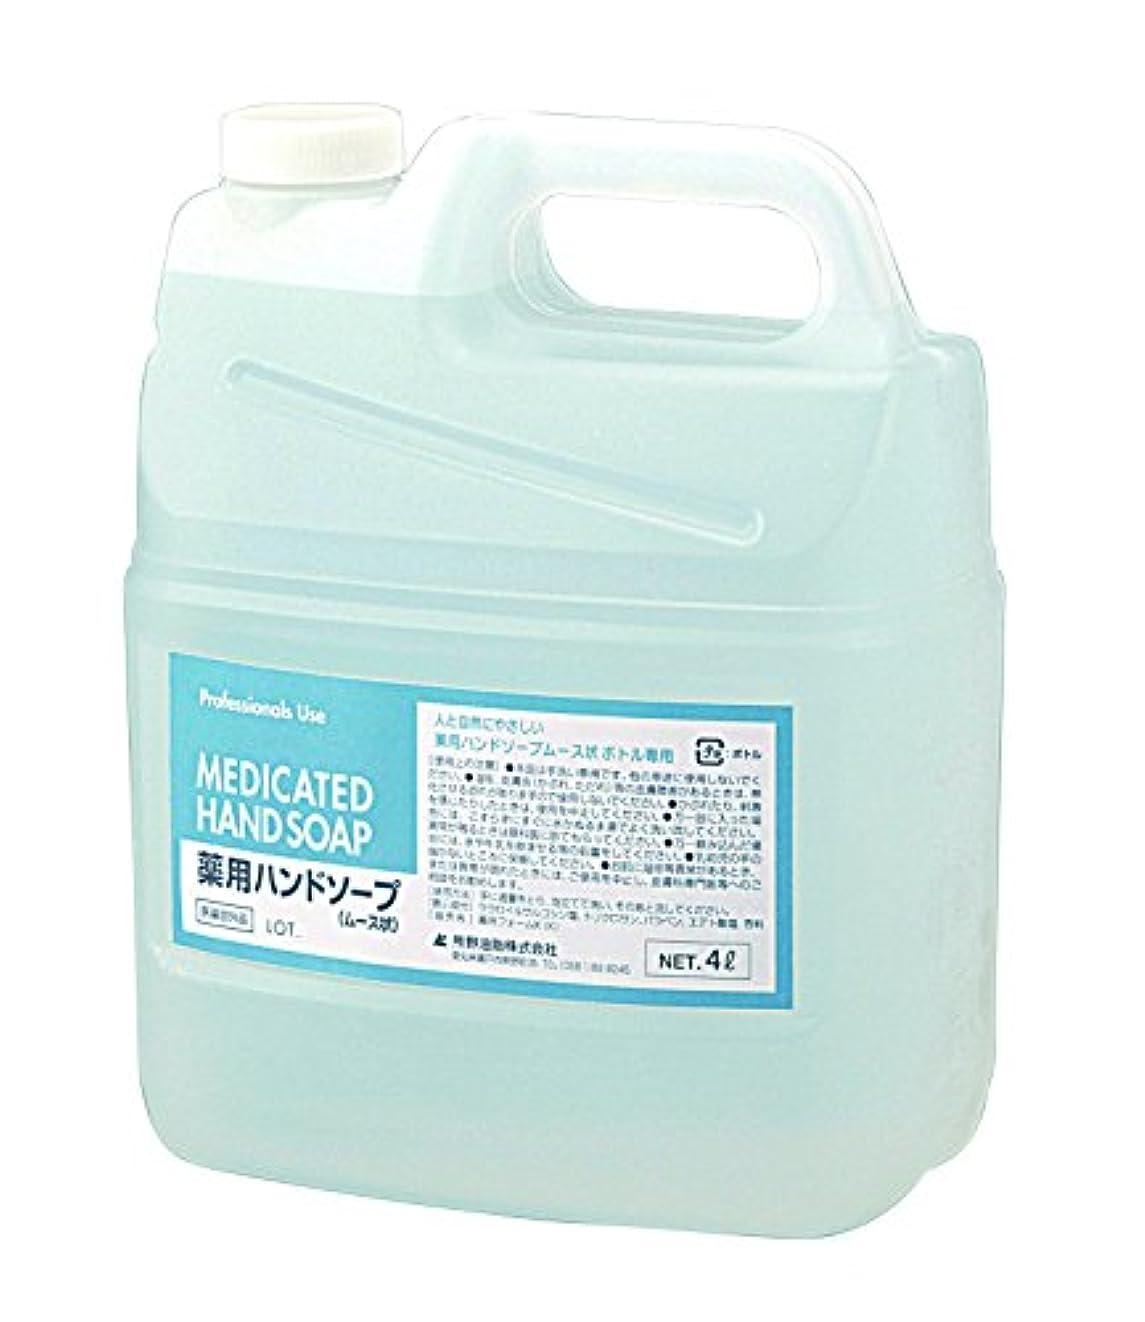 損なう同意経済的セディア薬用ハンドソープ(泡タイプ) 4L /8-6279-11 [医薬部外品]